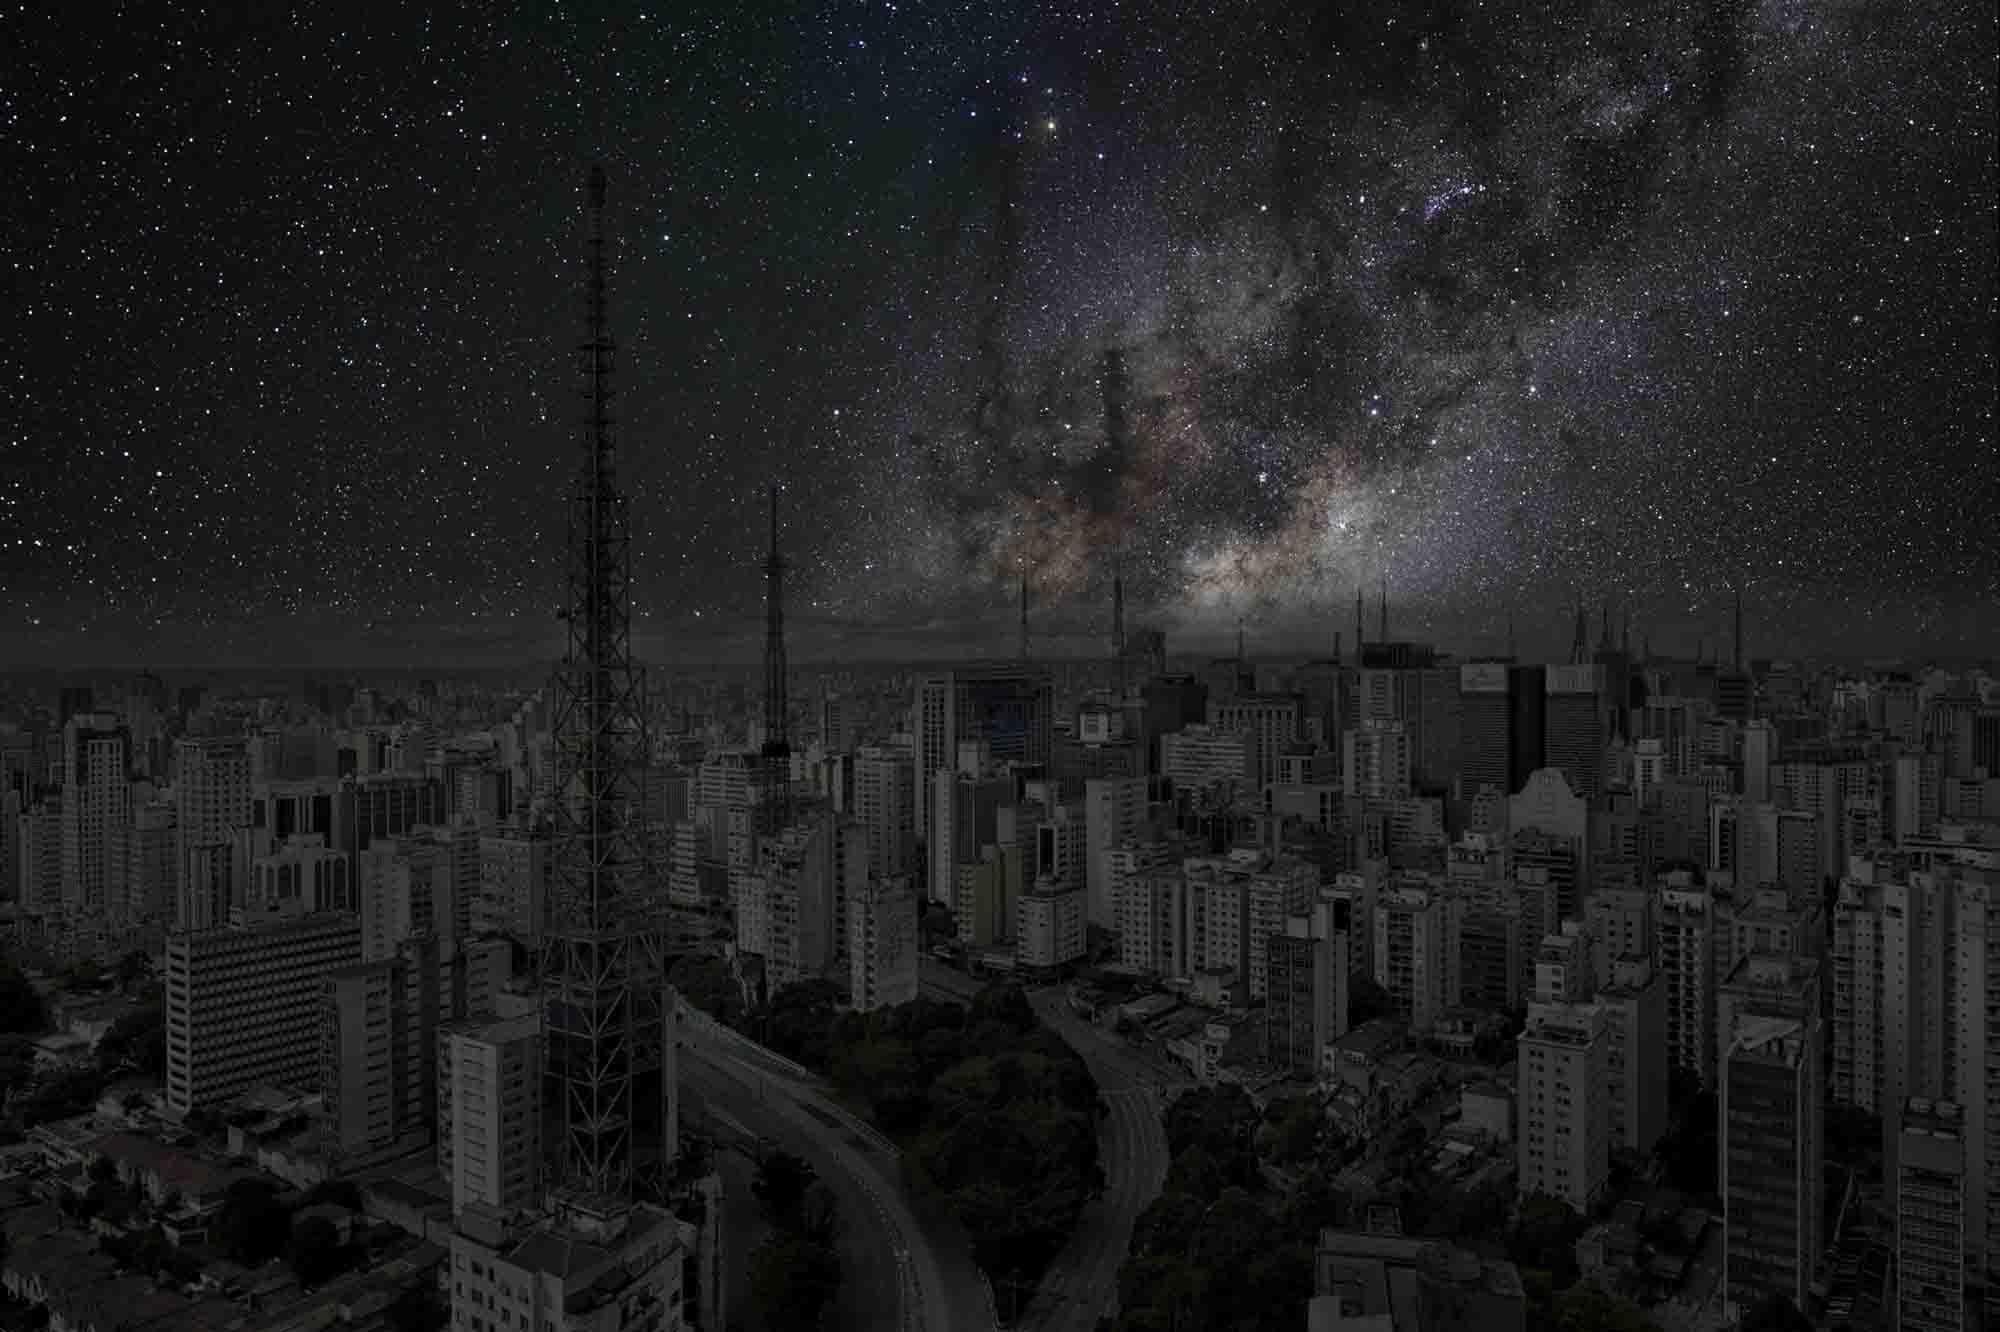 São Paulo 23° 33' 22' S 2011-06-05 lst 11:44<br/>Darkened Cities - Villes éteintes